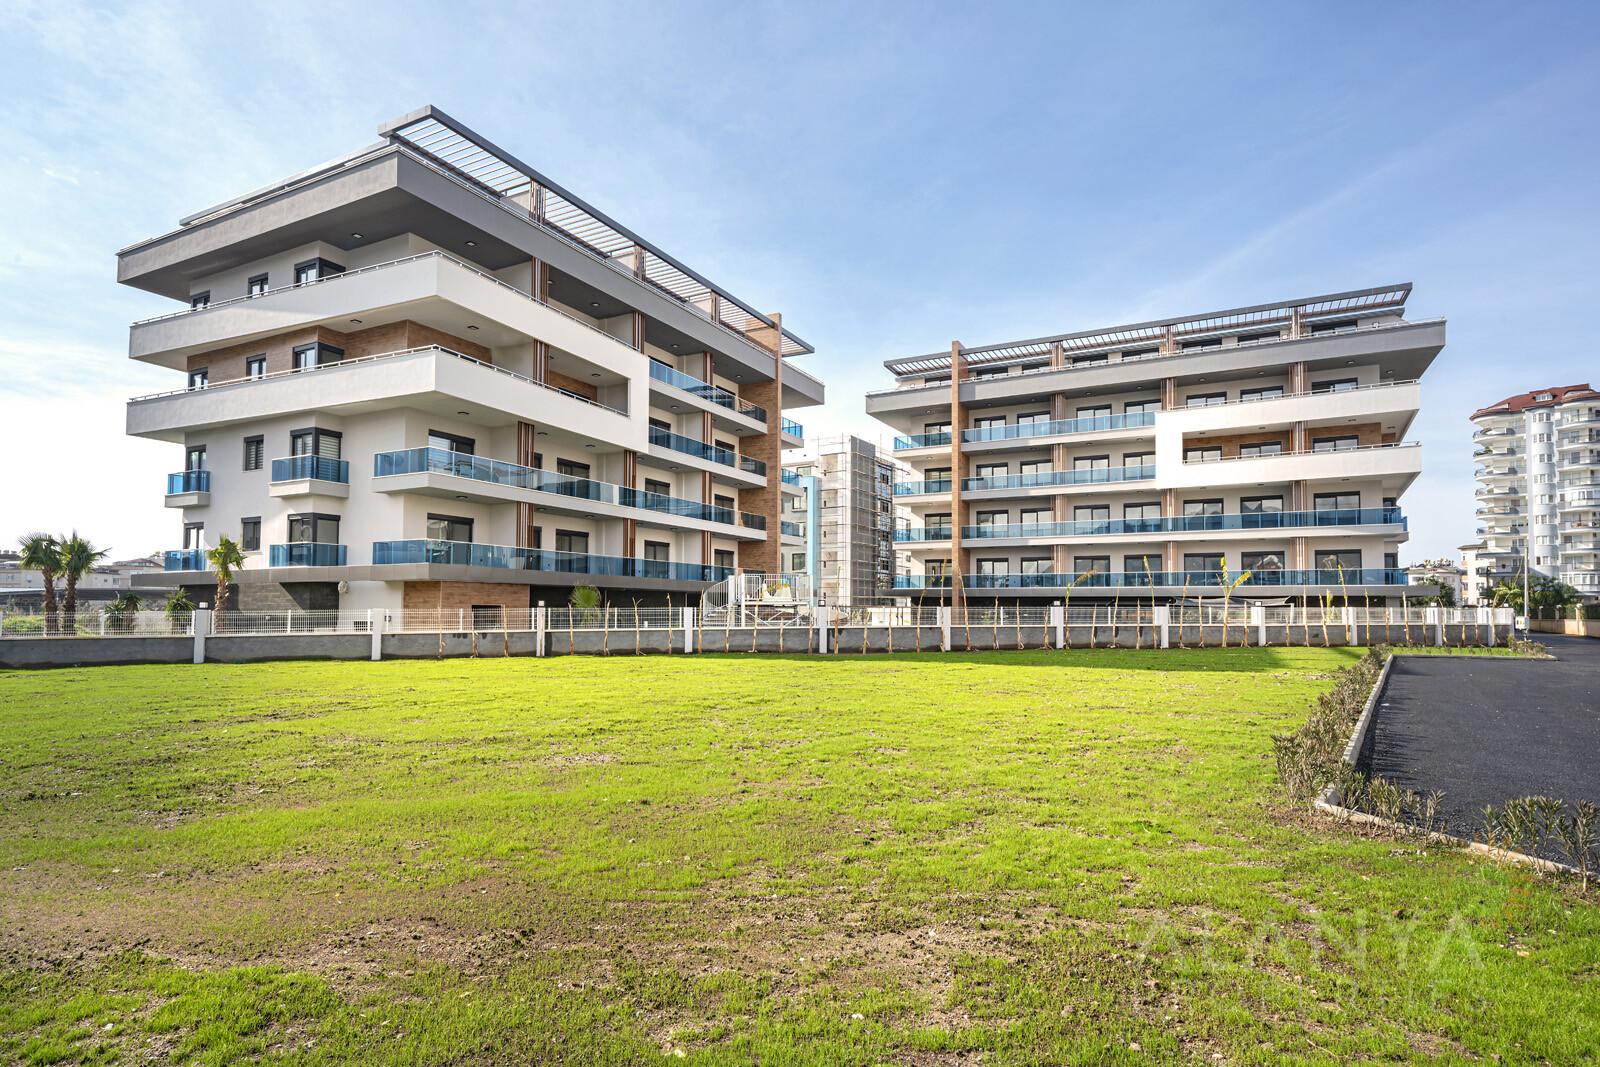 Schitterend Appartement in een Kleinschalige Standingvolle Residentie in Oba, Alanya